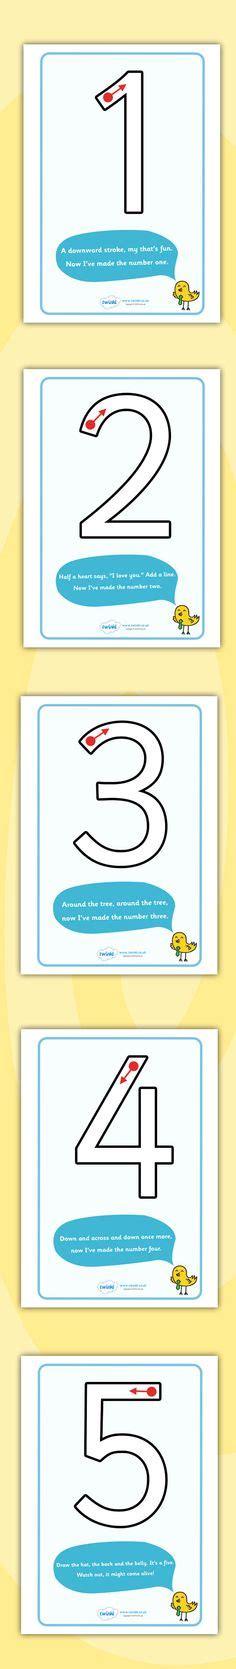 printable numbers 1 10 twinkl free missing numbers 1 50 freebie worksheets making